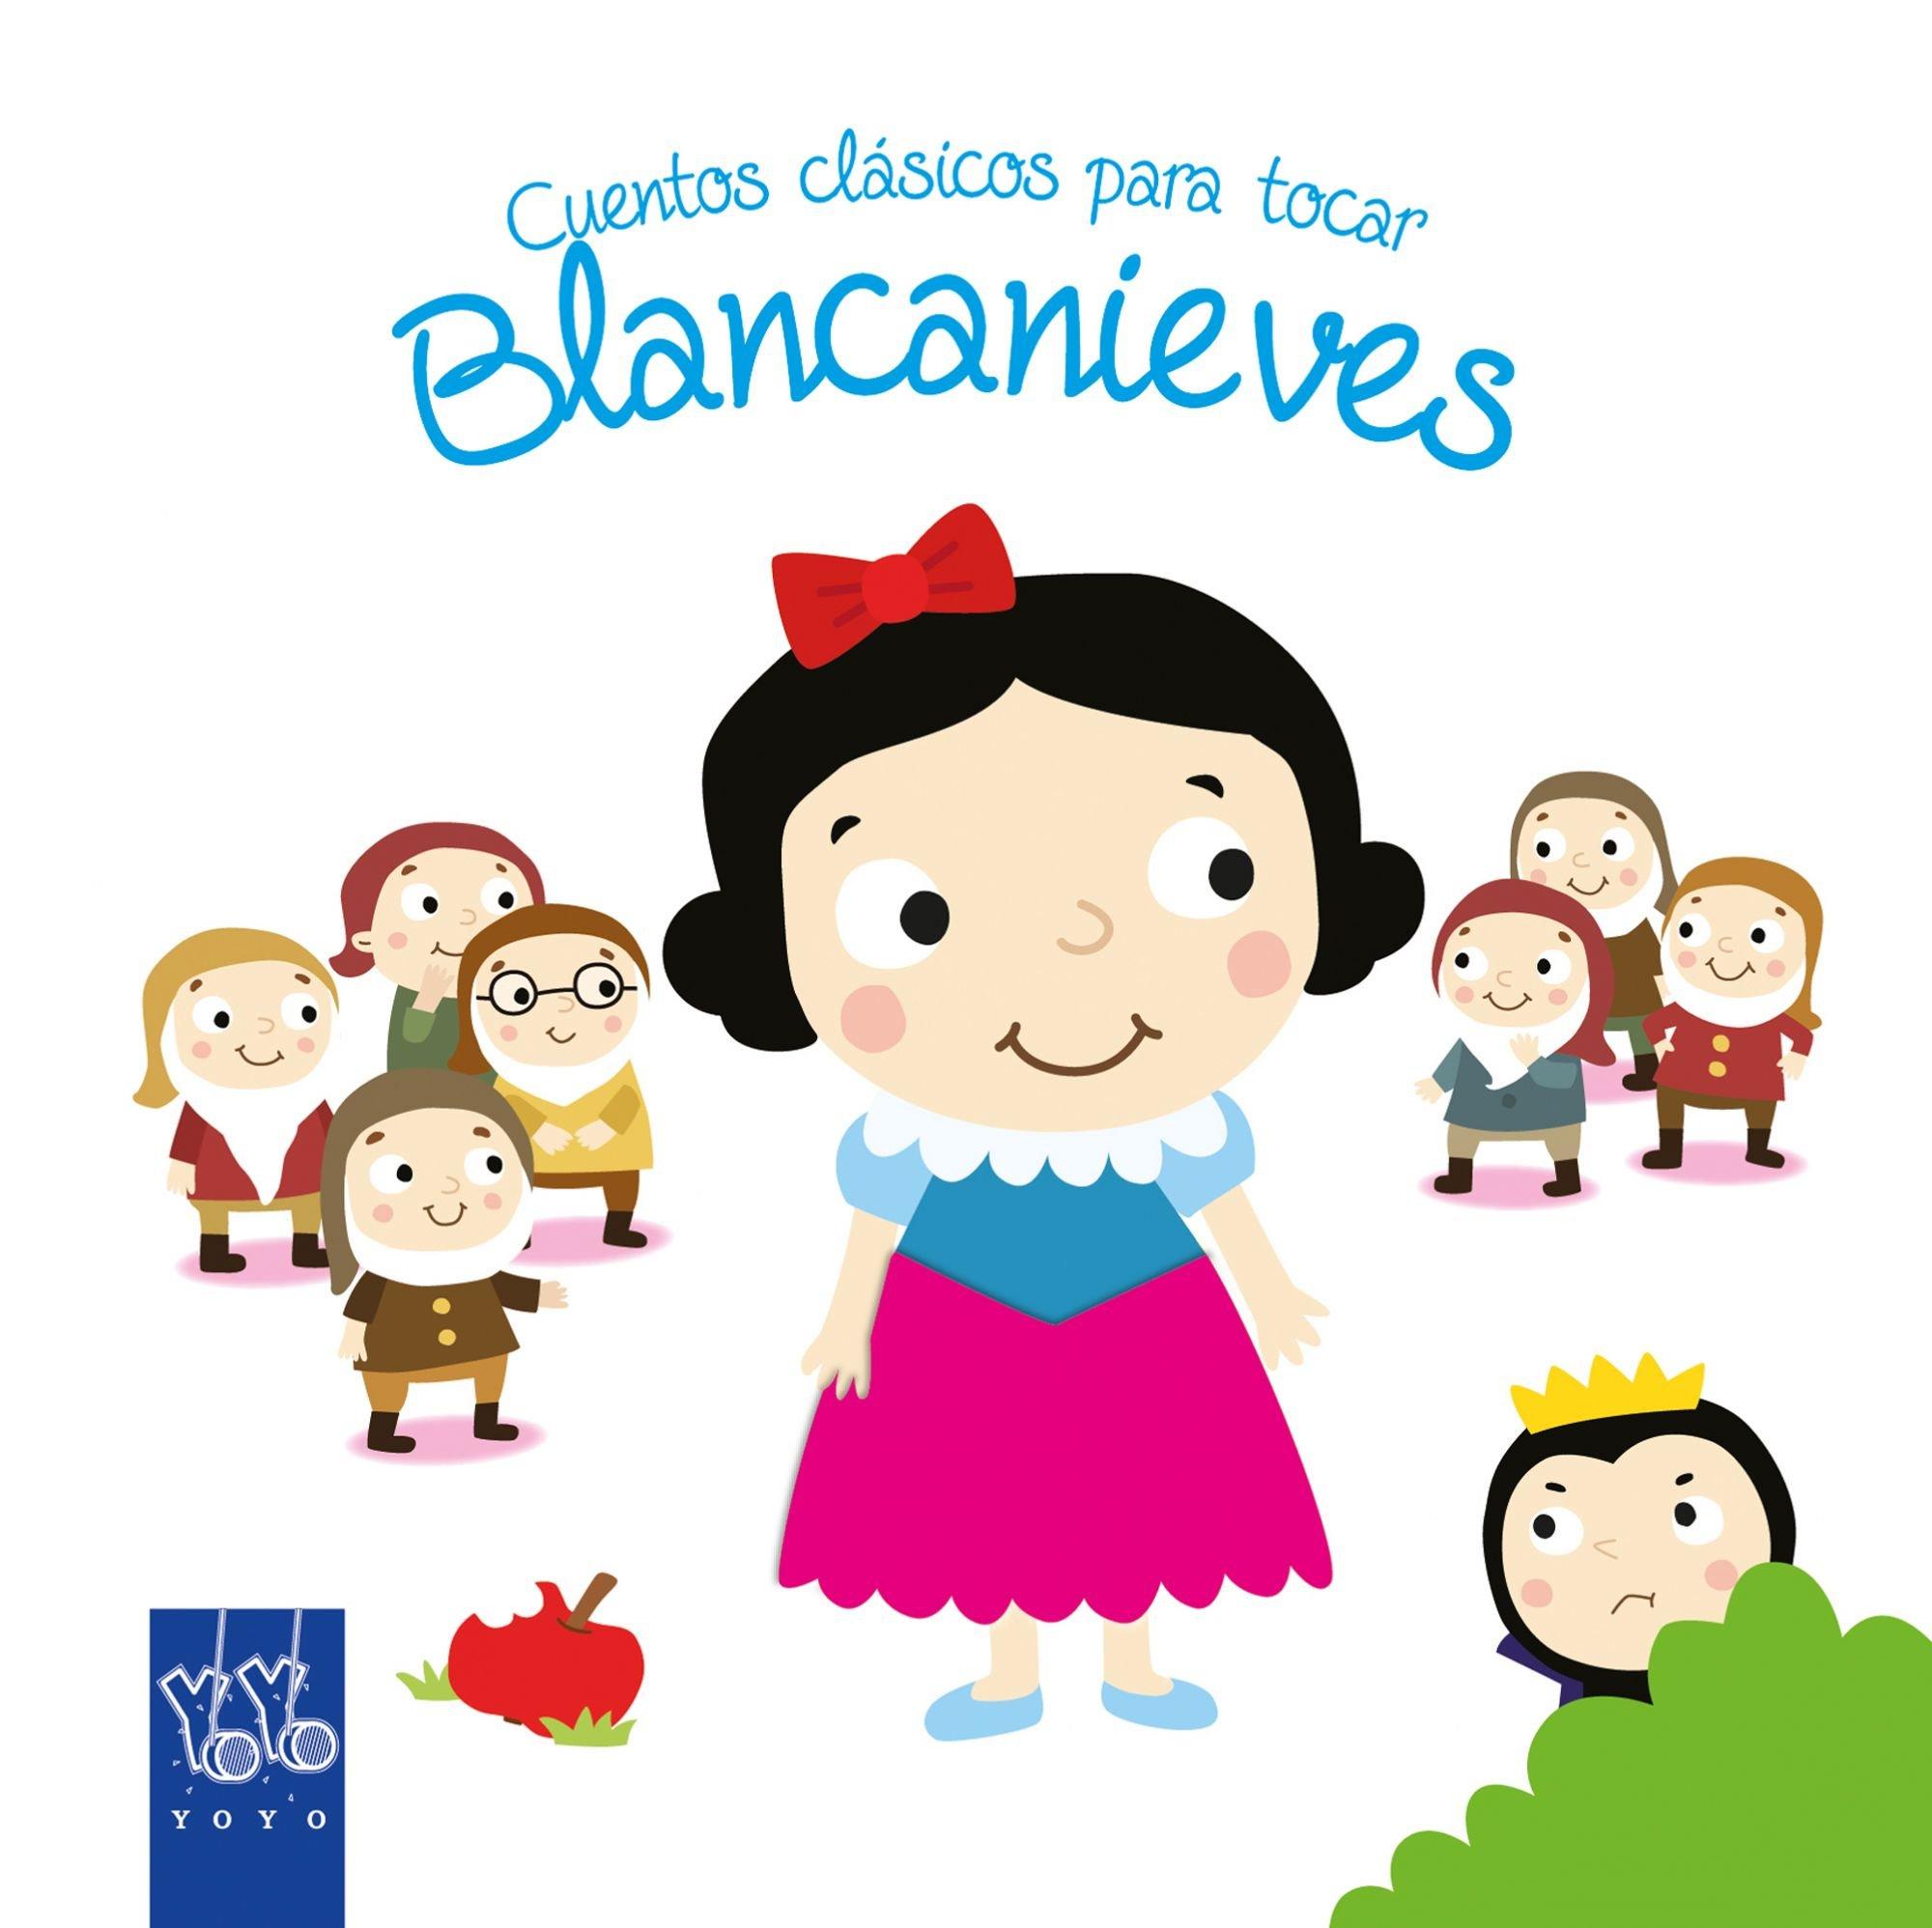 Cuentos clásicos para tocar. Blancanieves: Amazon.es: YOYO, Editorial Planeta S. A.: Libros